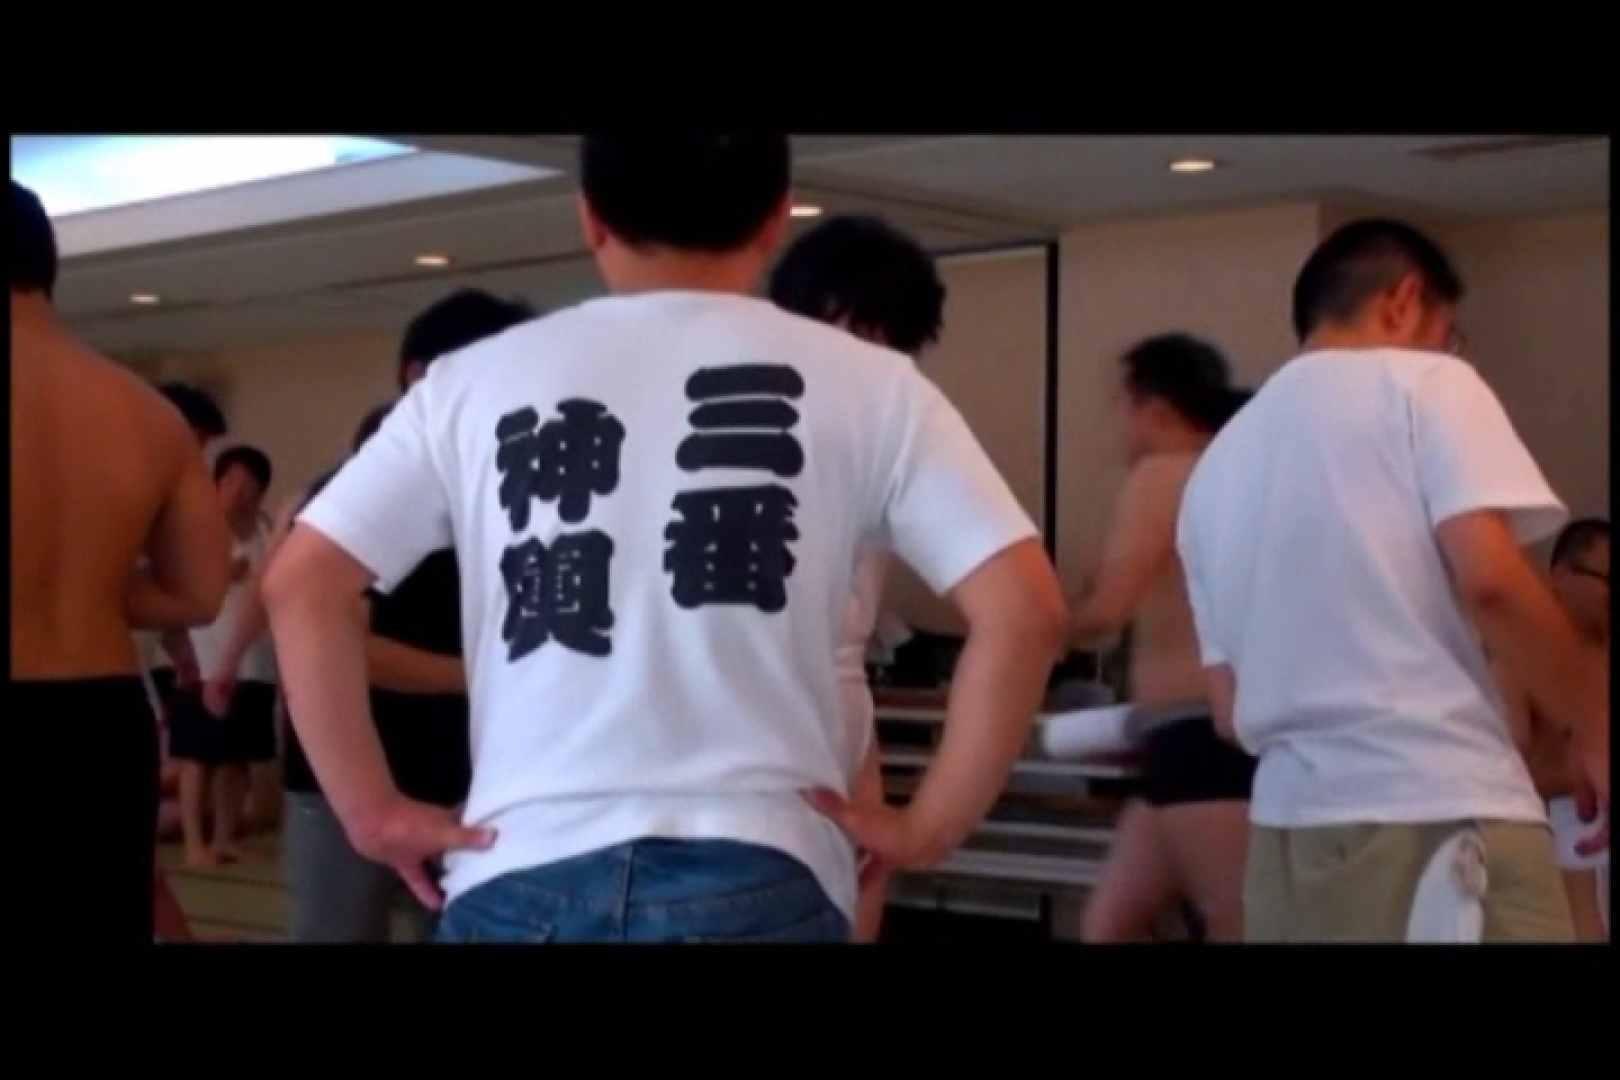 日本の誇り!VOL.03 薩○のぼっ○もん2009年度バージョン! ボーイズ覗き | ふんどしボーイズ  71pic 2